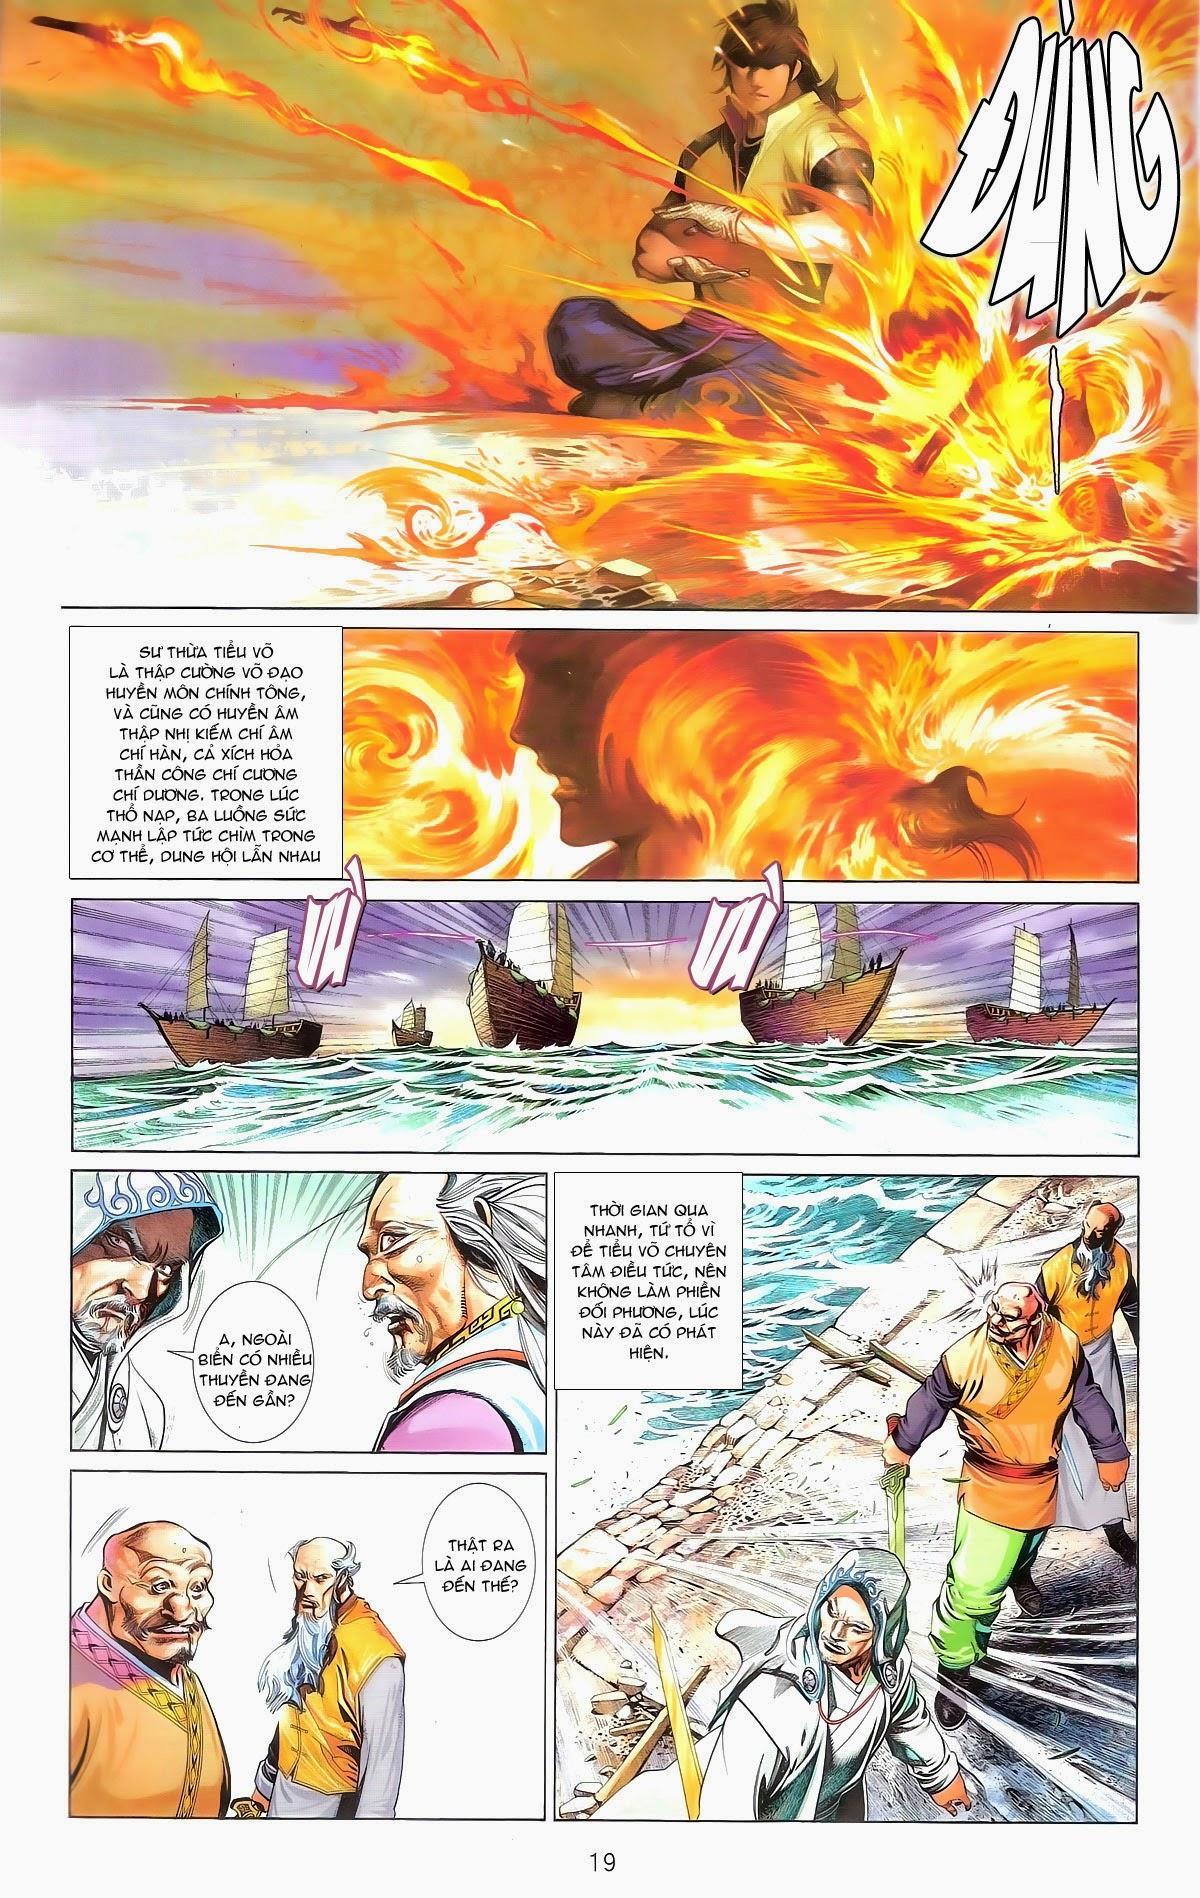 Phong Vân chap 674 – End Trang 21 - Mangak.info